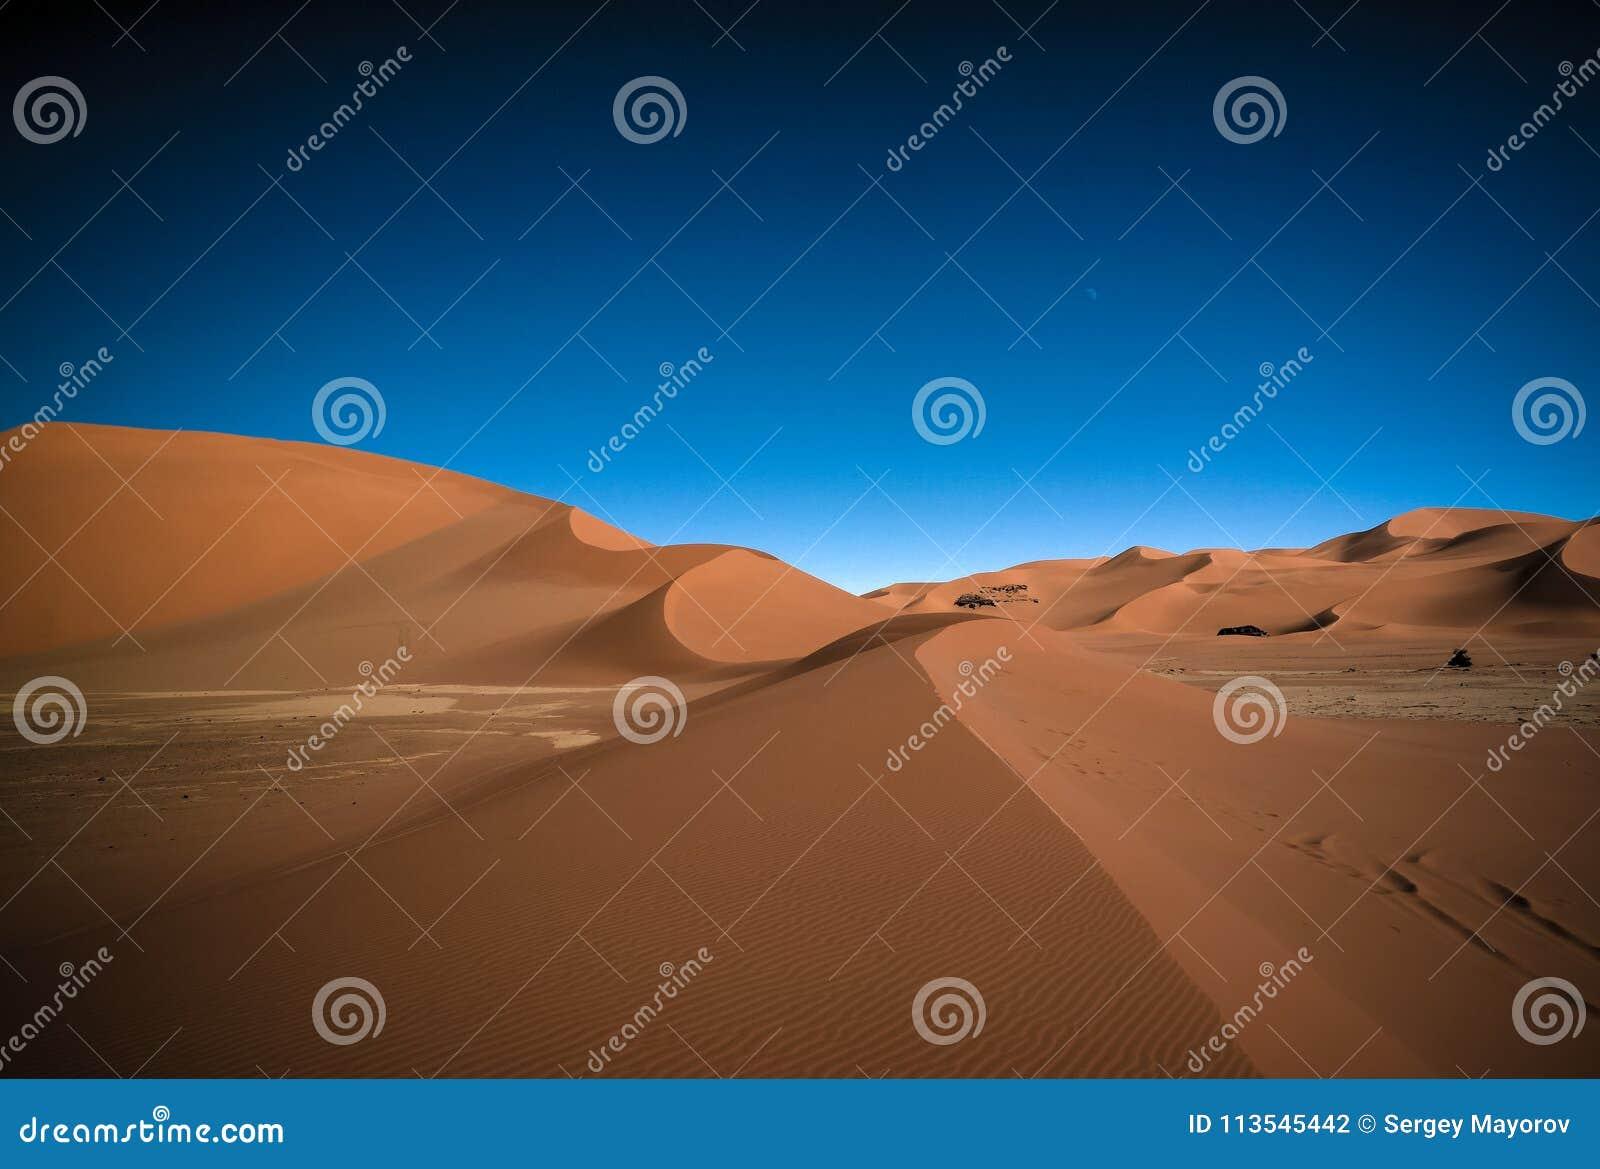 Landschap van zandduin en het beeldhouwwerk van de zandsteenaard in Tamezguida in het nationale park van Tassili nAjjer, Algerije